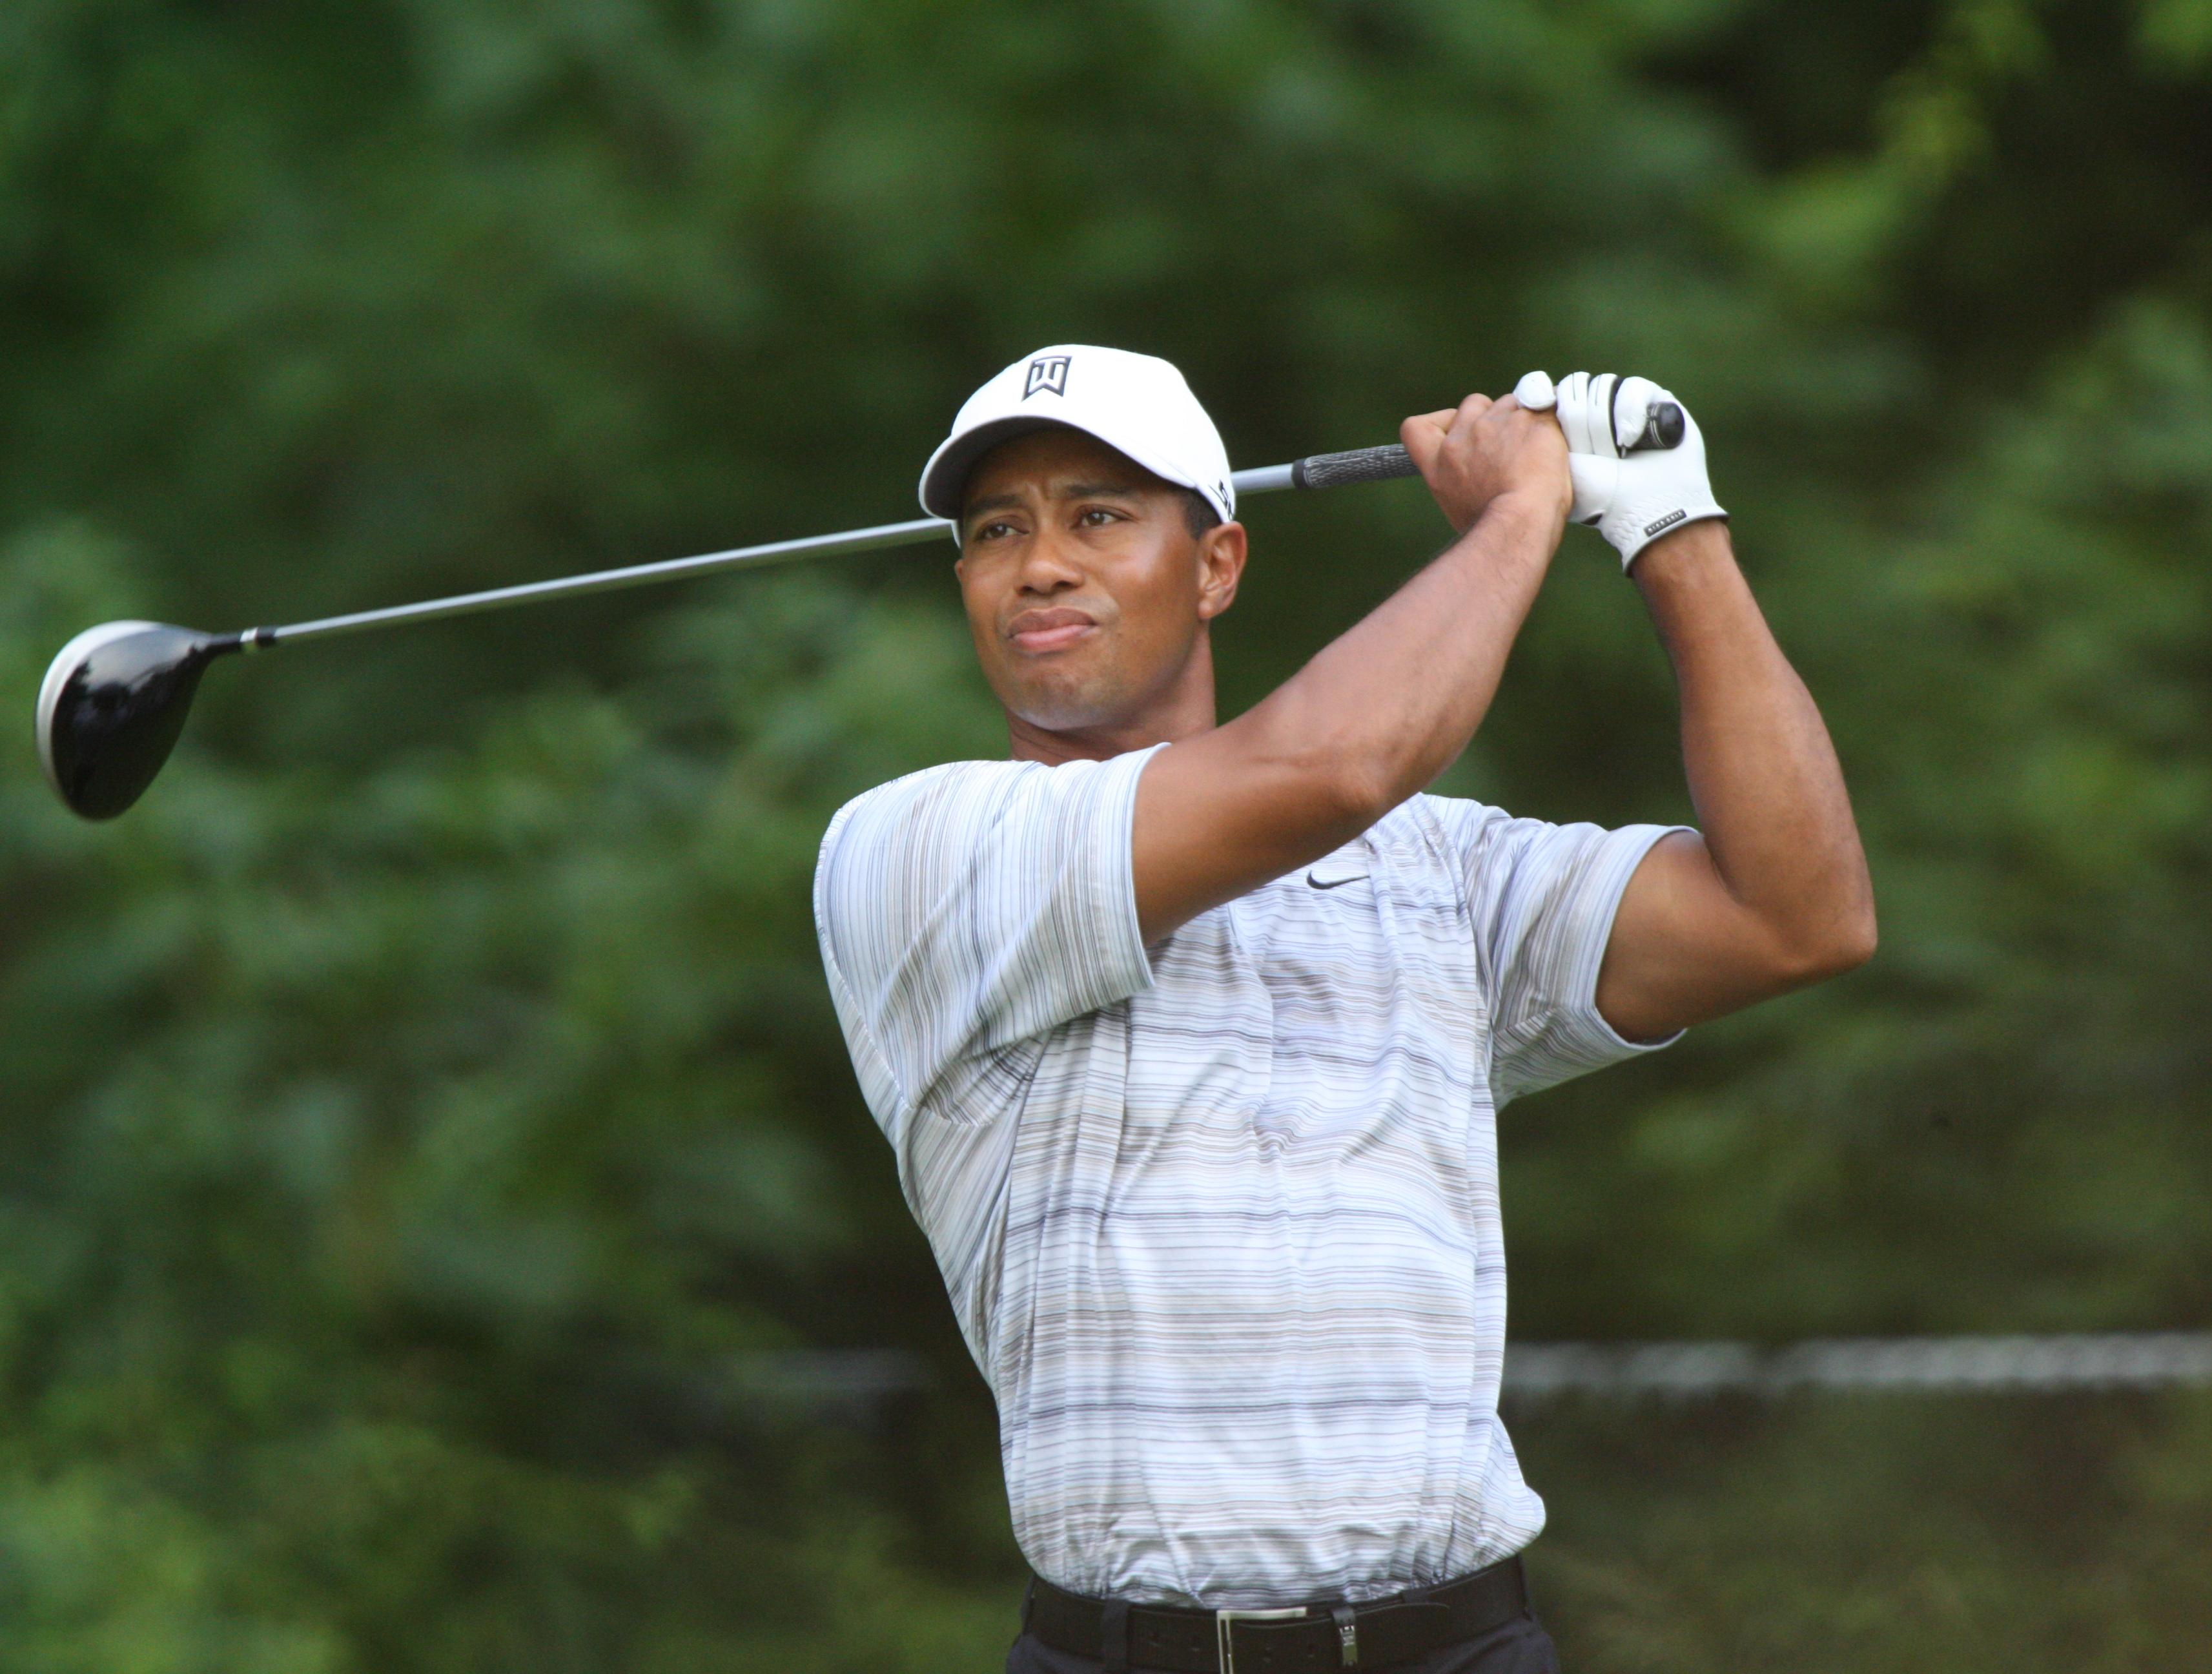 Hideki Matsuyama wins the Hero World Challenge as Tiger Woods returns to golf